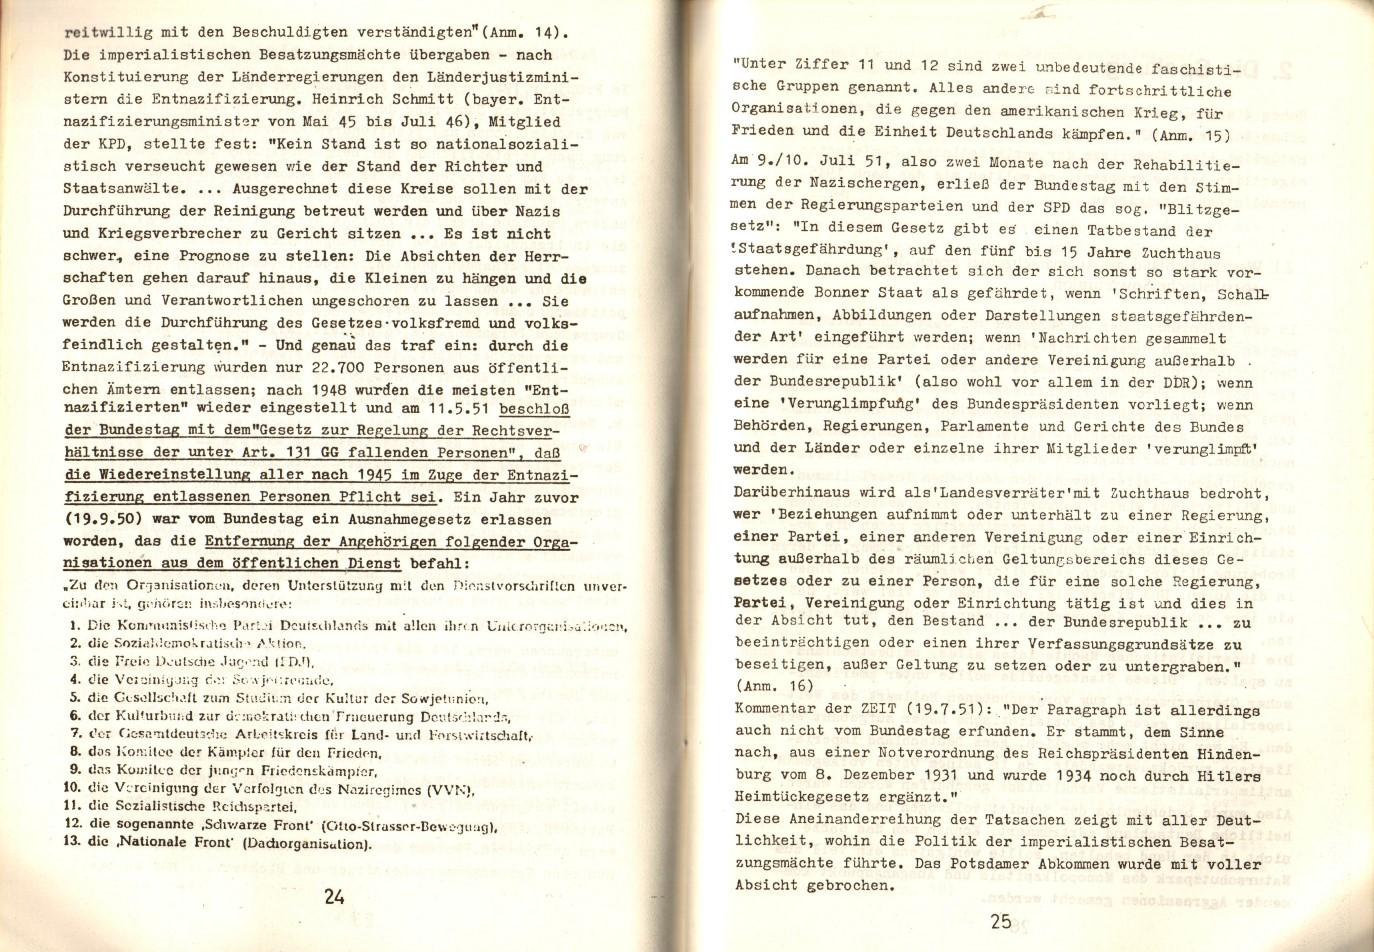 KHB_RSF_1974_25_Jahre_Grundgesetz_15